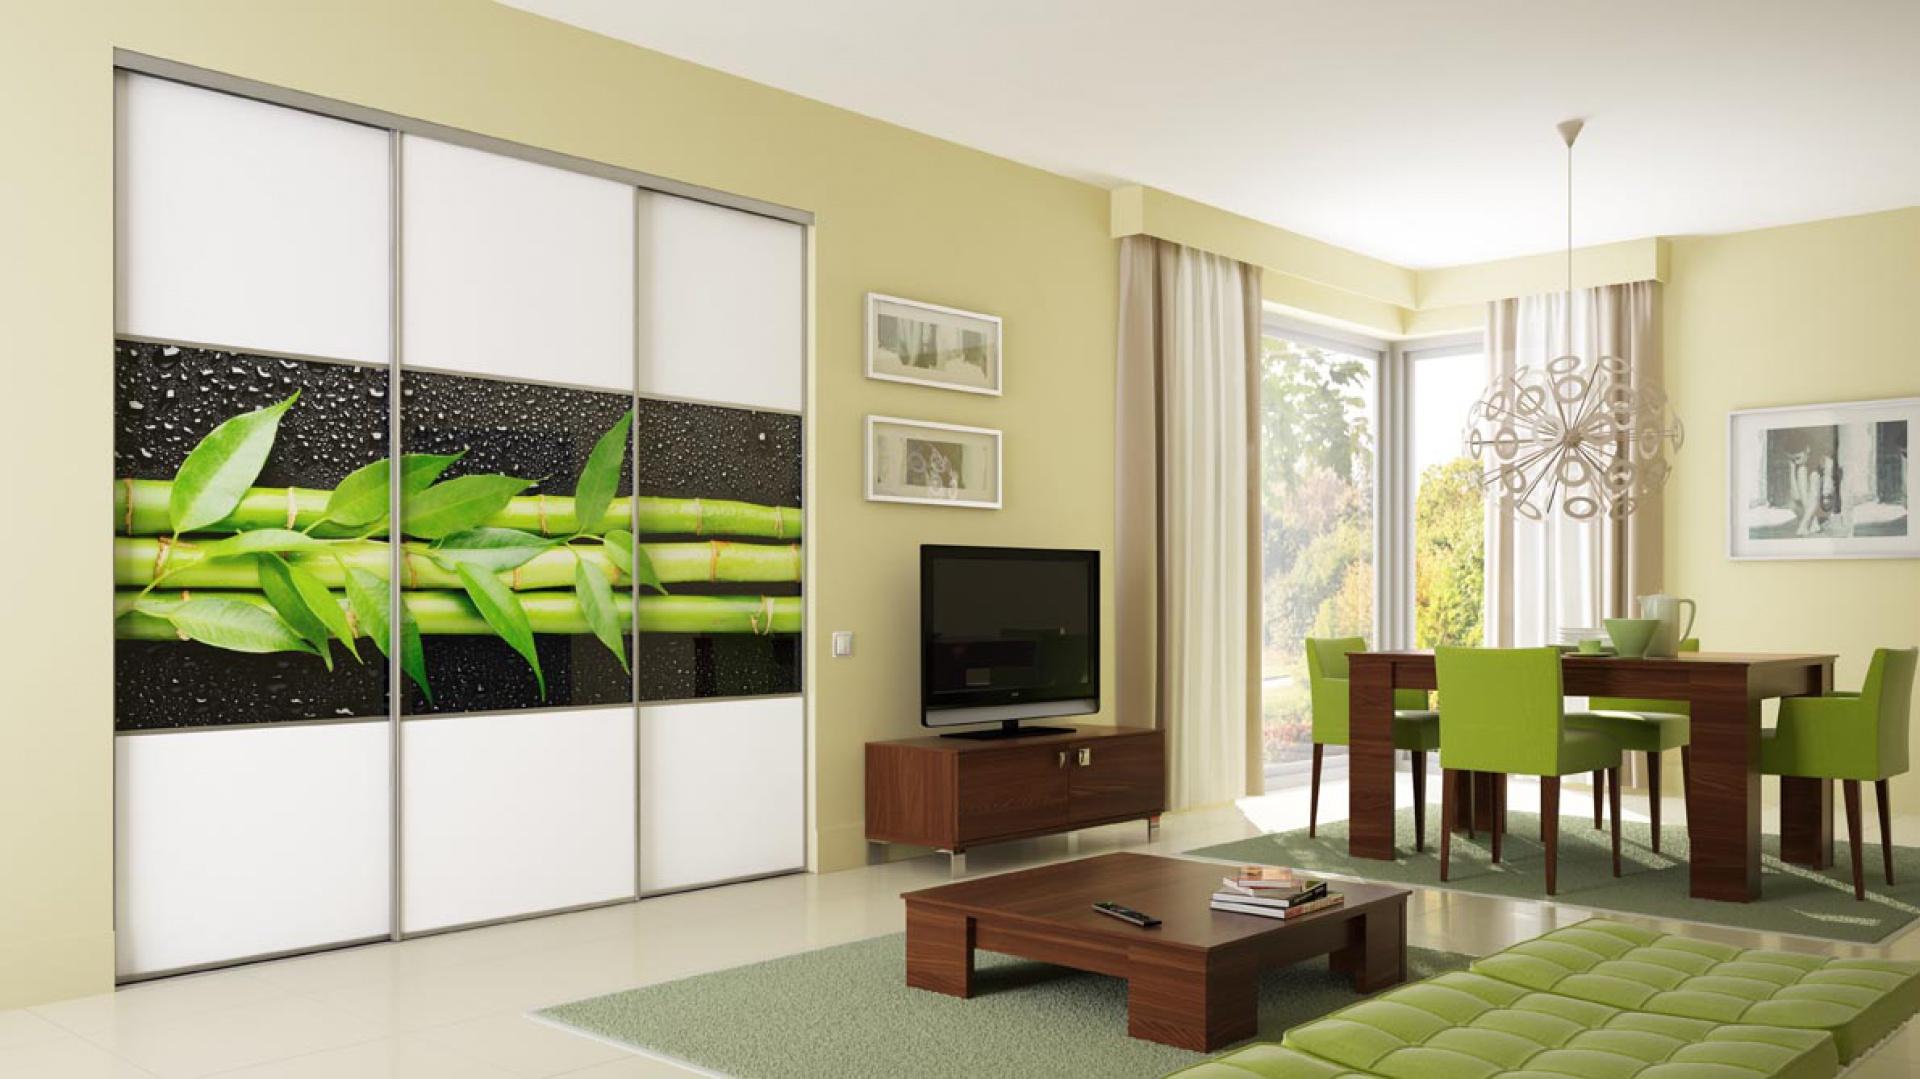 Fronty meblowe ze szkła kolorowego sprawiają, że połączenie kuchni albo jadalni z salonem zyskuje nowy charakter. Fot. Komandor